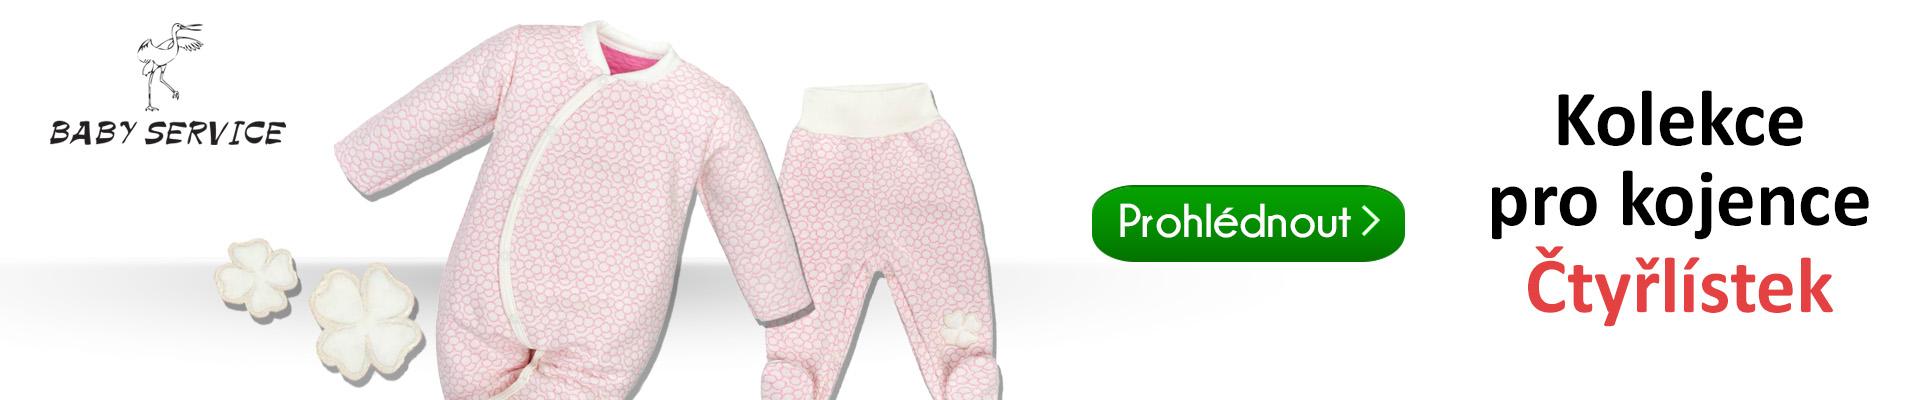 65023843c75 Pro malé princezničky je jako stvořená zimní kolekce Baby Service  Čtyřlístek. Oblečení z této kolekce je vyrobeno z teploučkého mikrotermo  úpletu